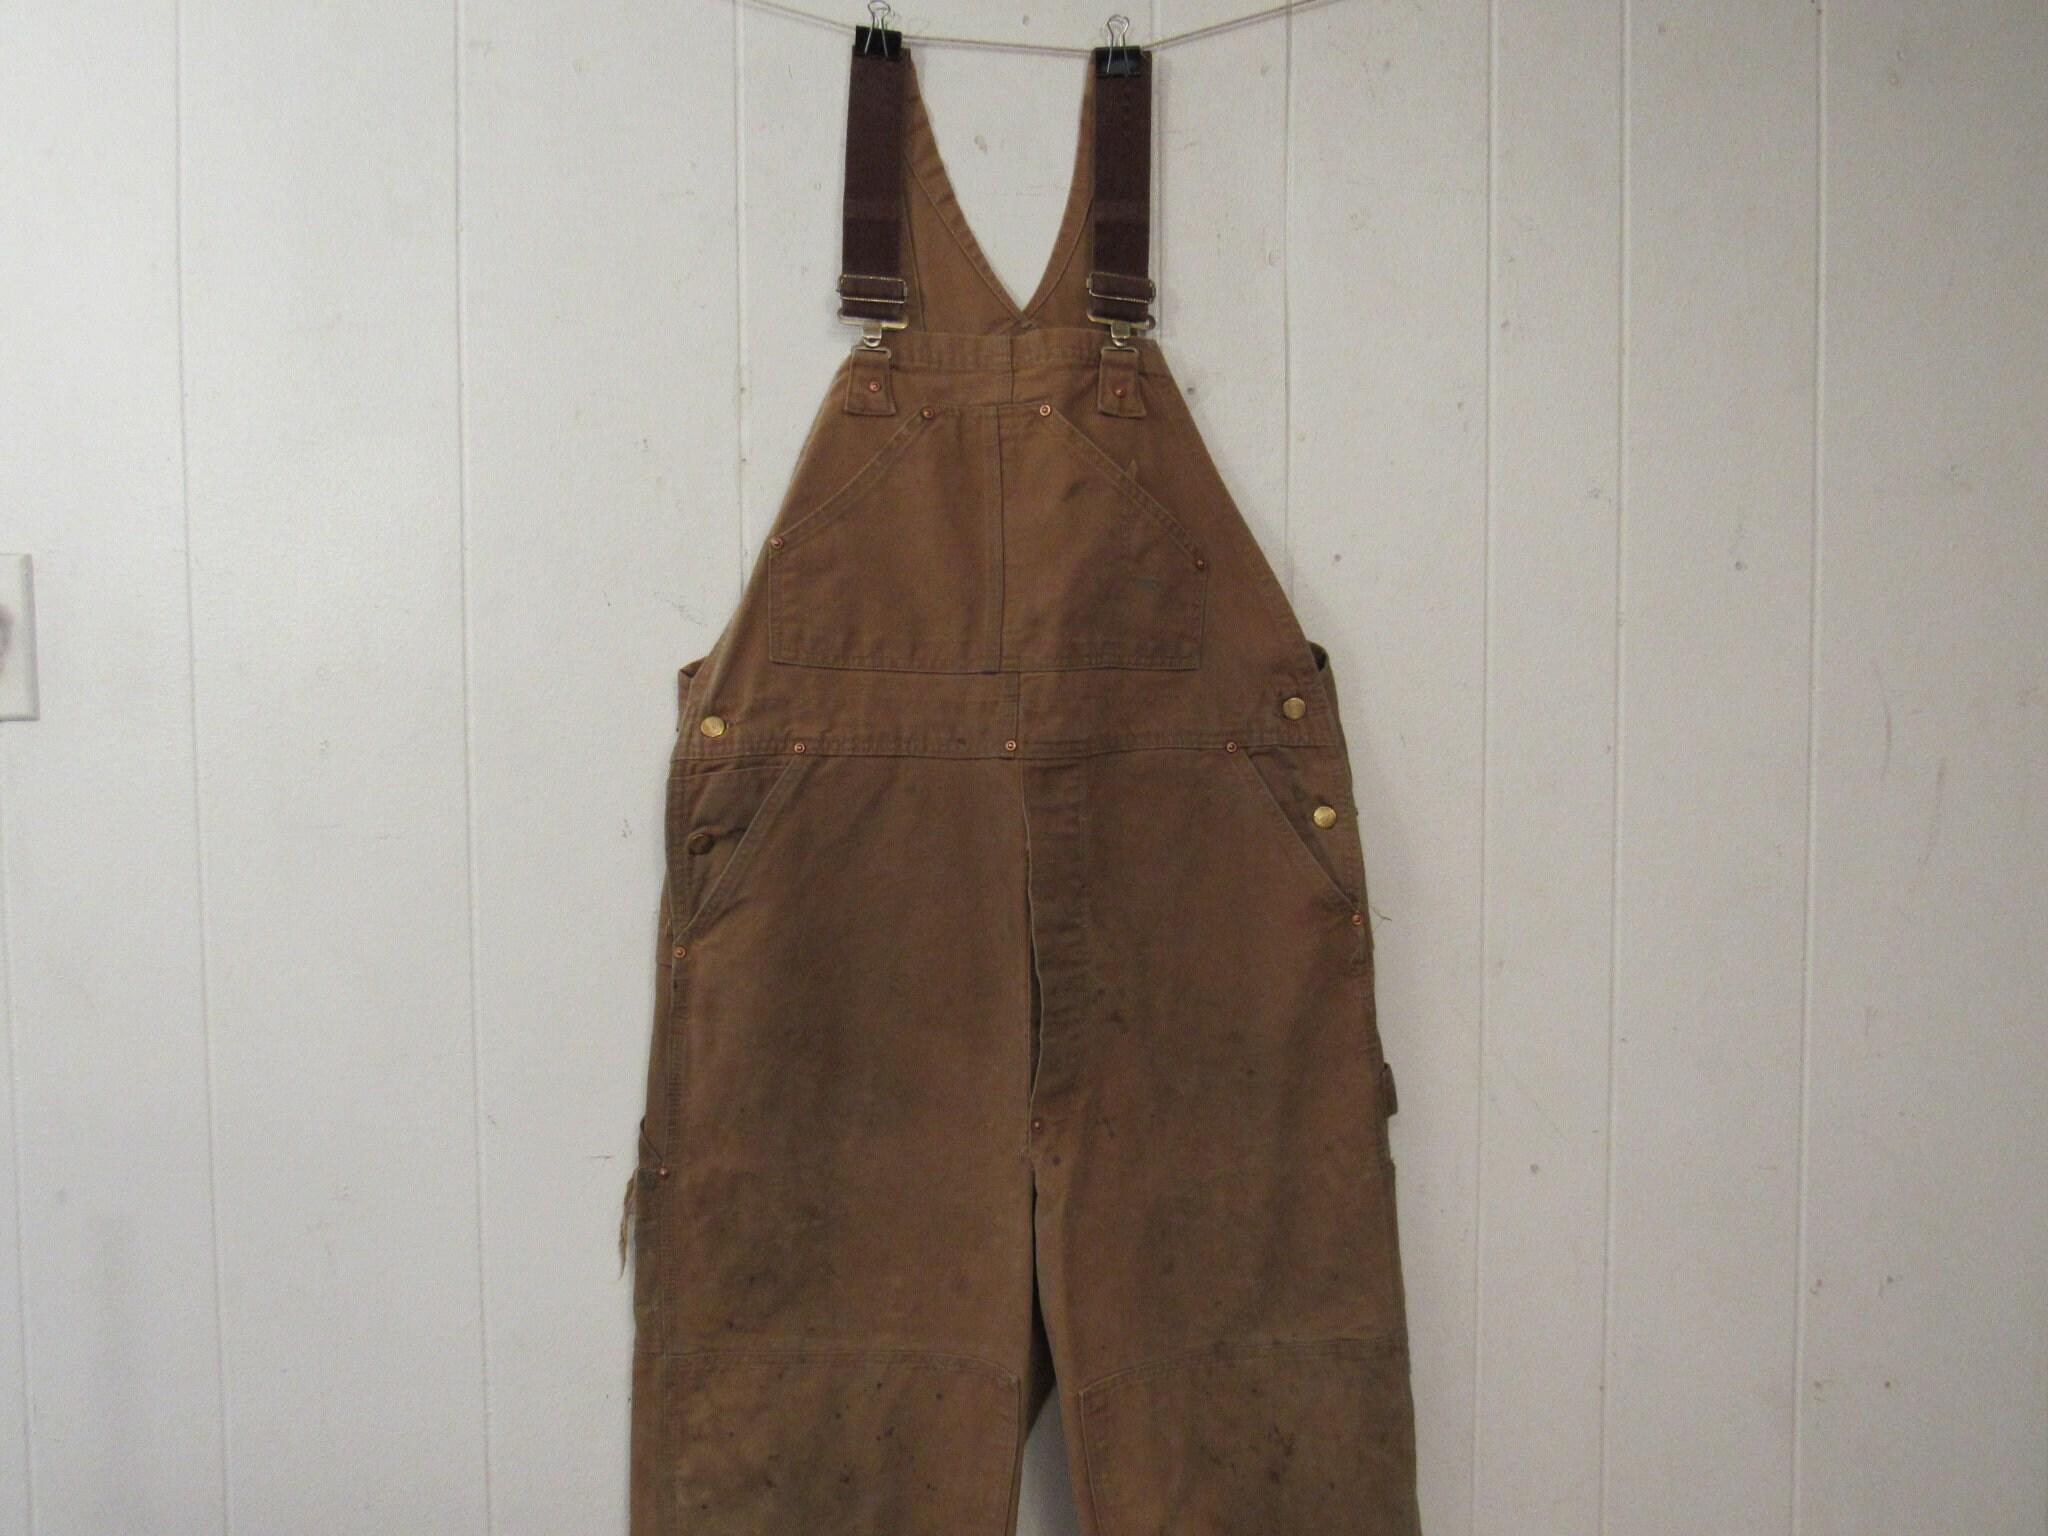 Vintage Overalls & Jumpsuits Vintage Overalls, Distressed Carhartt Brown Duck Denim Carhartt, Vintage Clothing, Workwear, Size 37.5 $0.00 AT vintagedancer.com